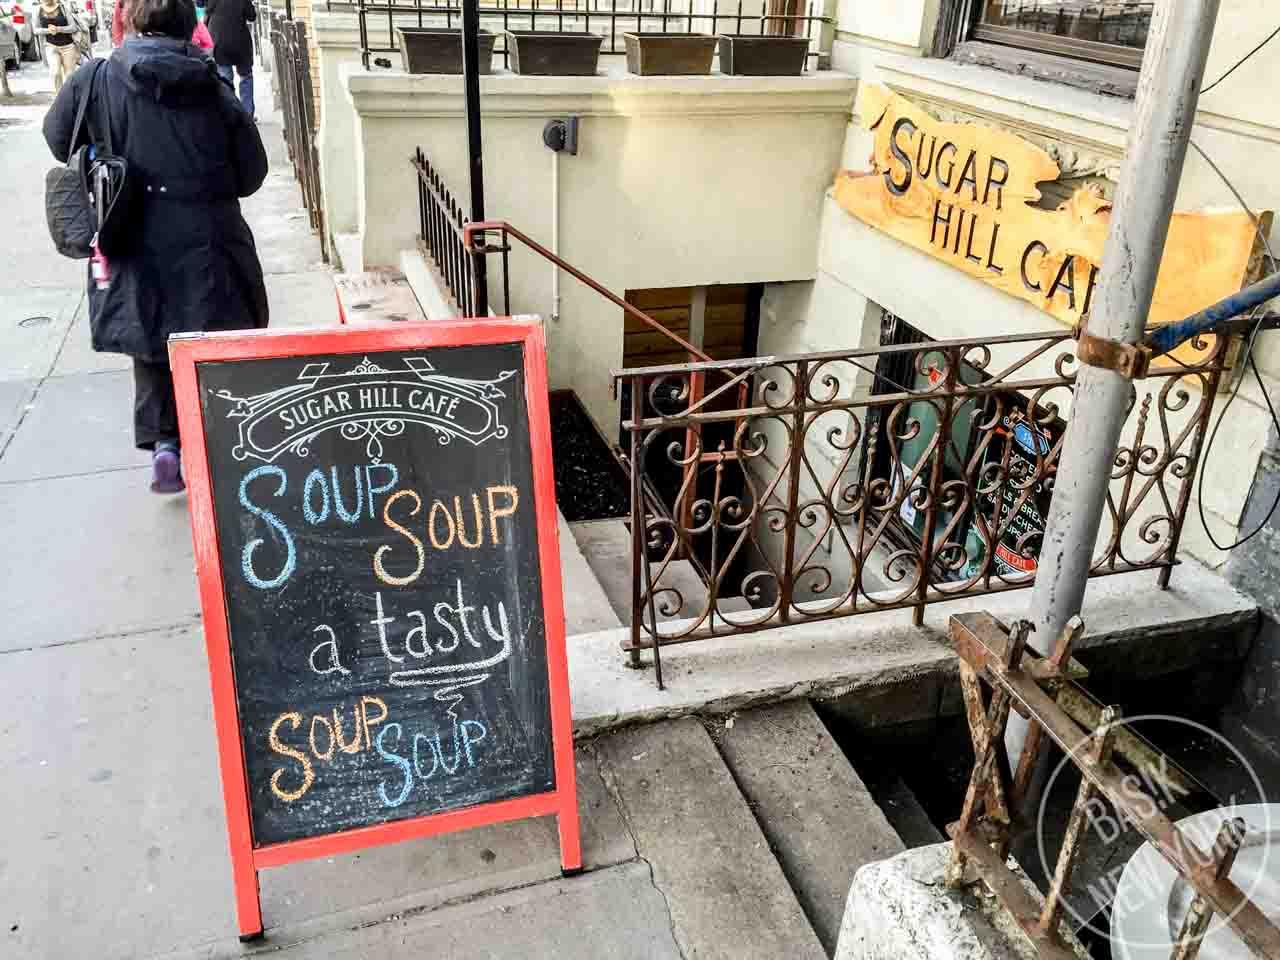 Sugar hill cafe 9